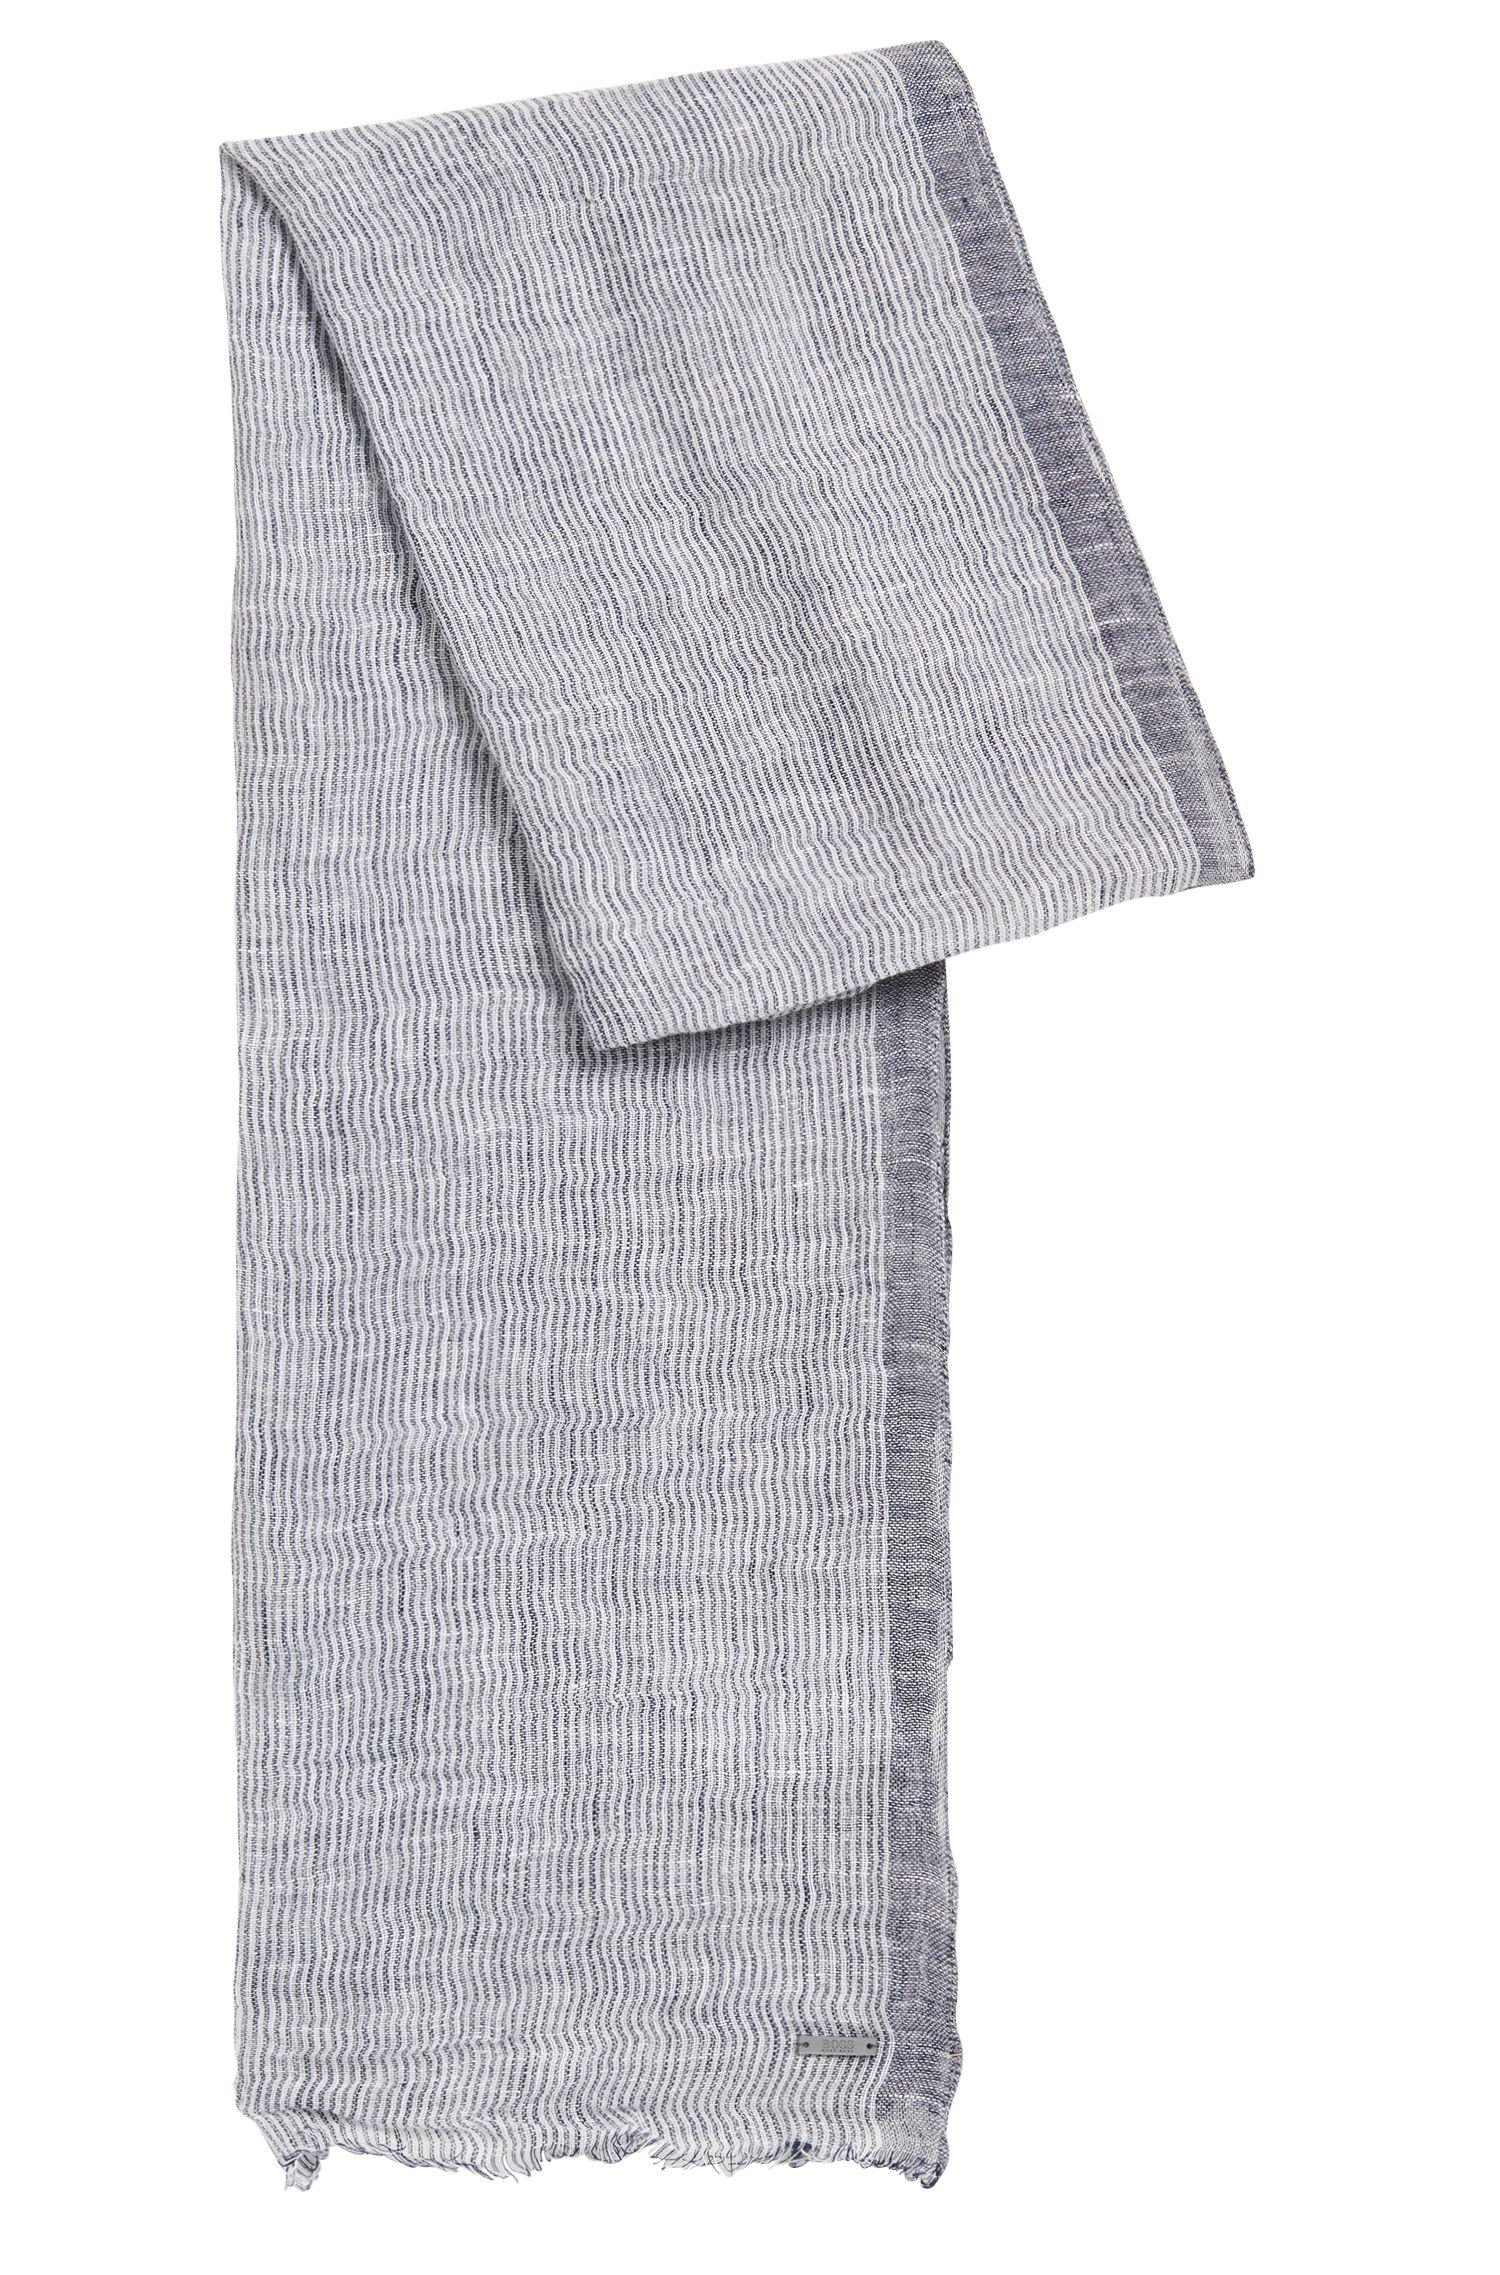 Sjaal van linnen met onregelmatig streepdessin